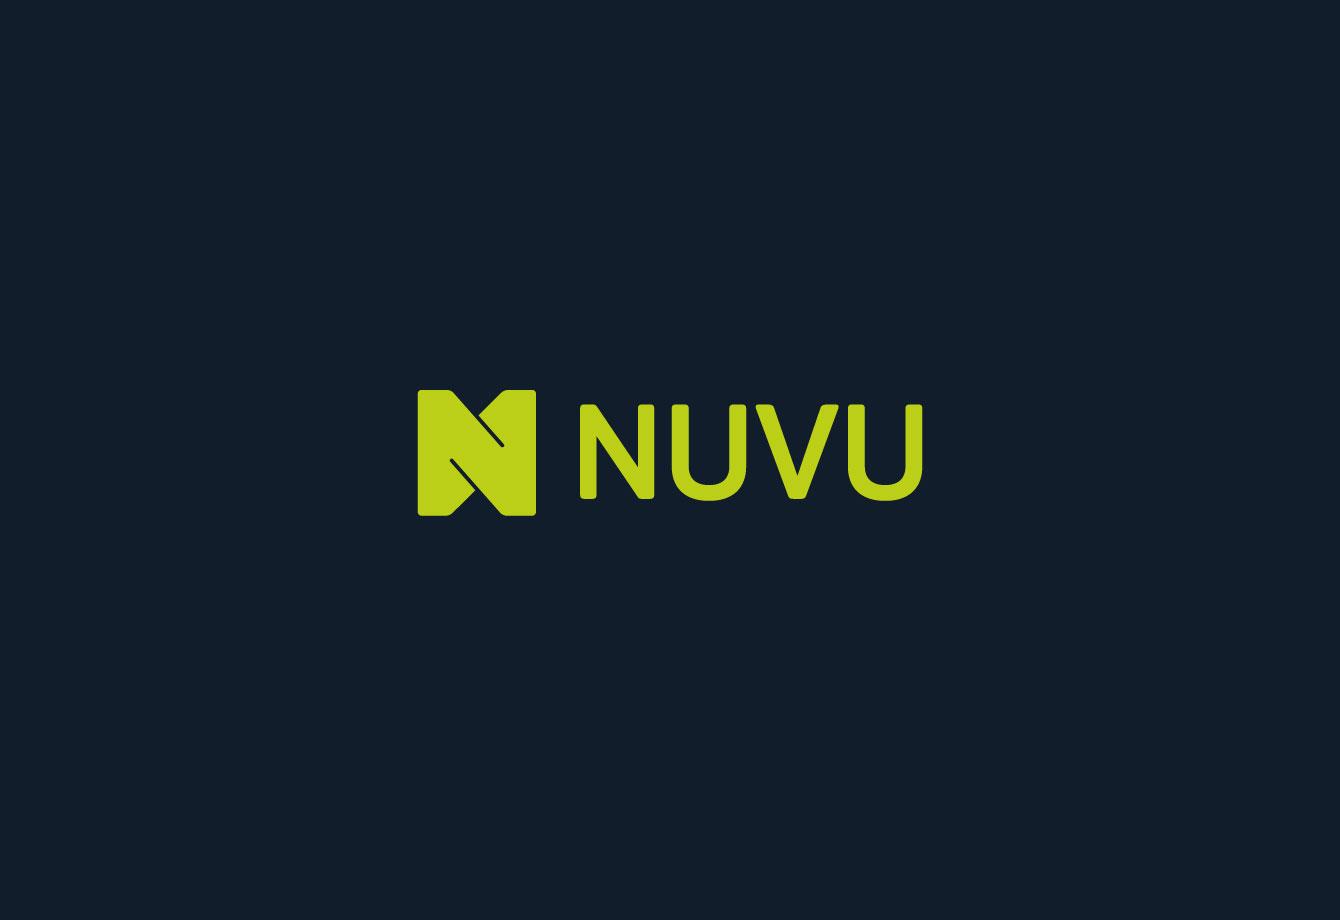 Nuvu2.jpg